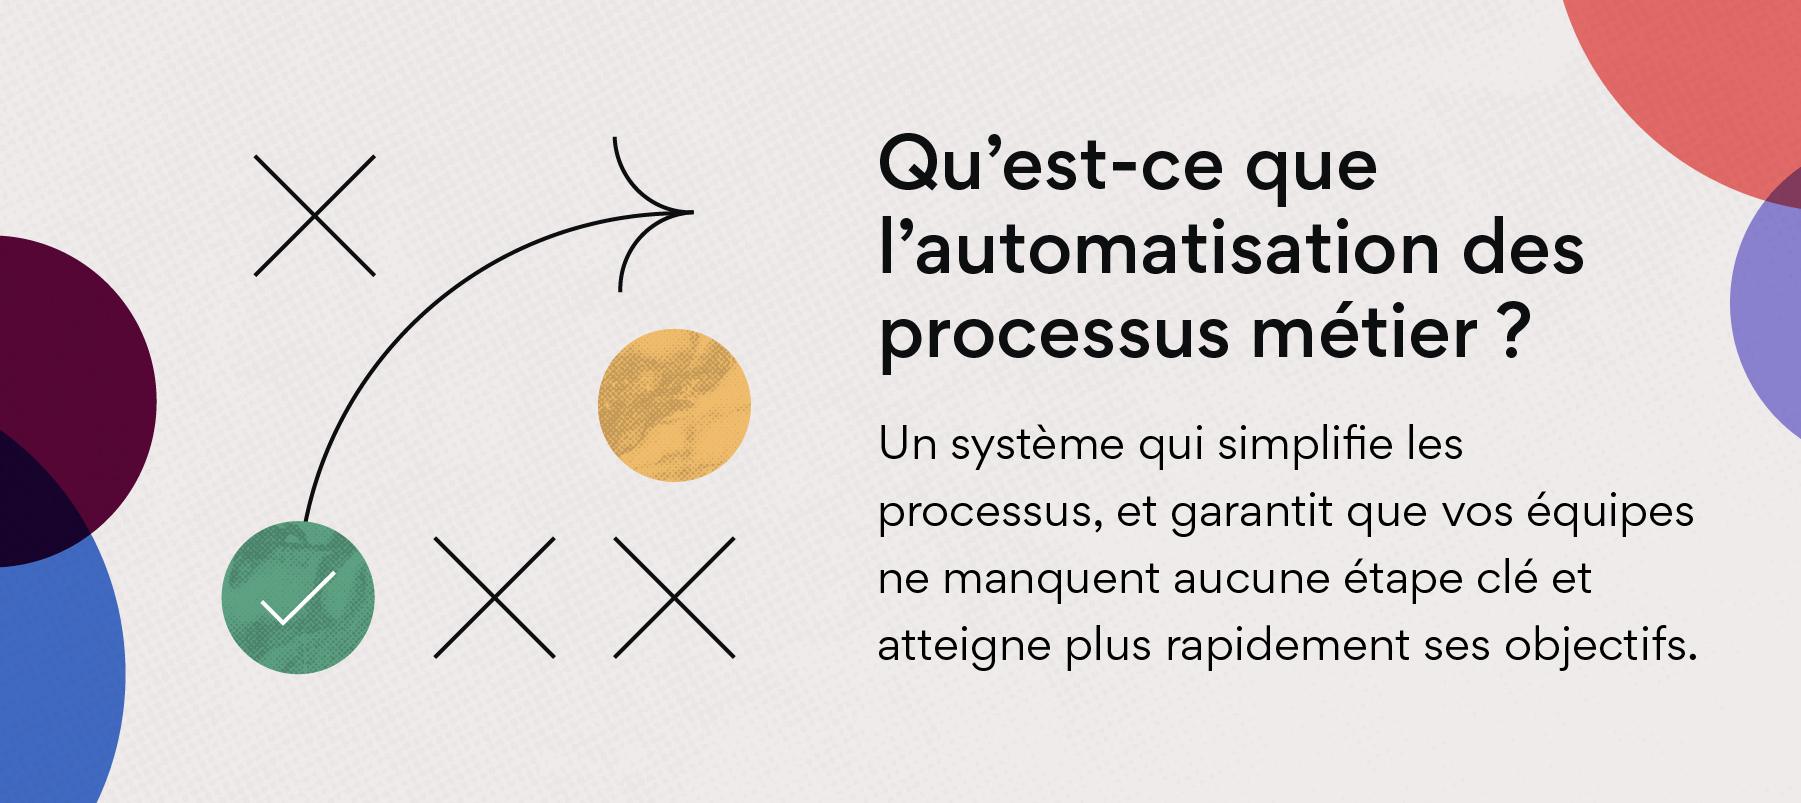 Qu'est-ce que l'automatisation des processus métier?